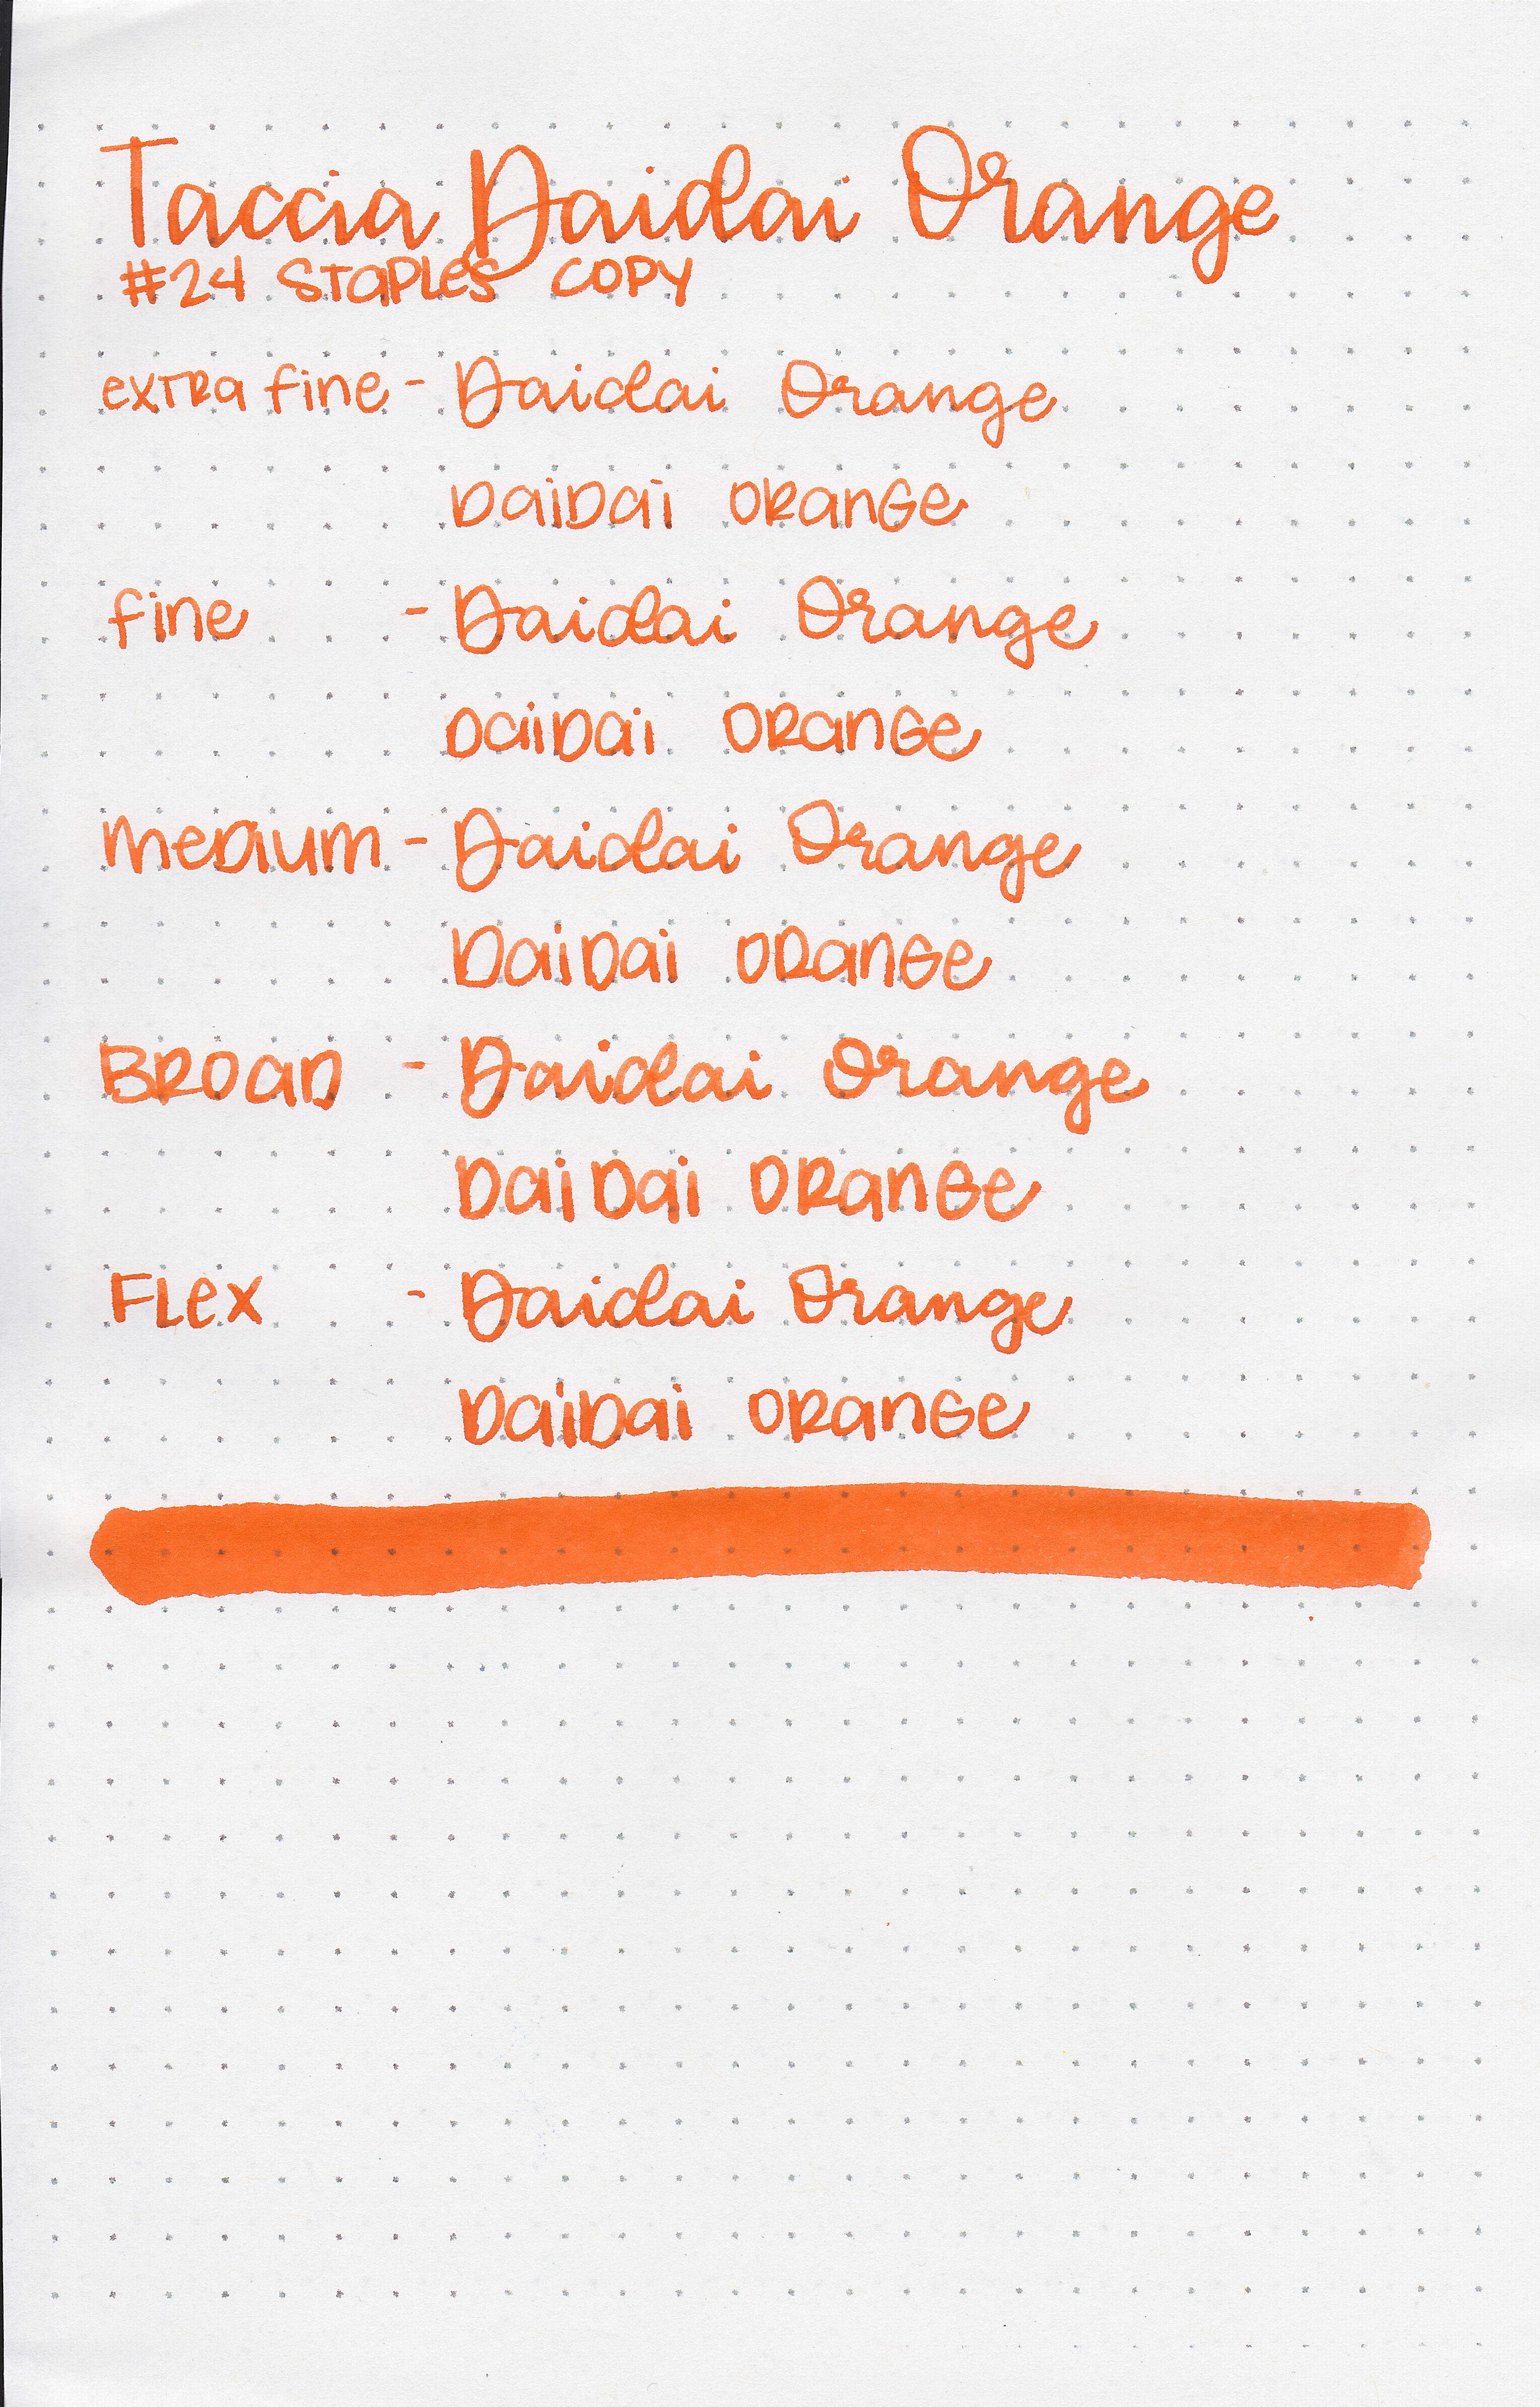 tac-daida-orange-11.jpg